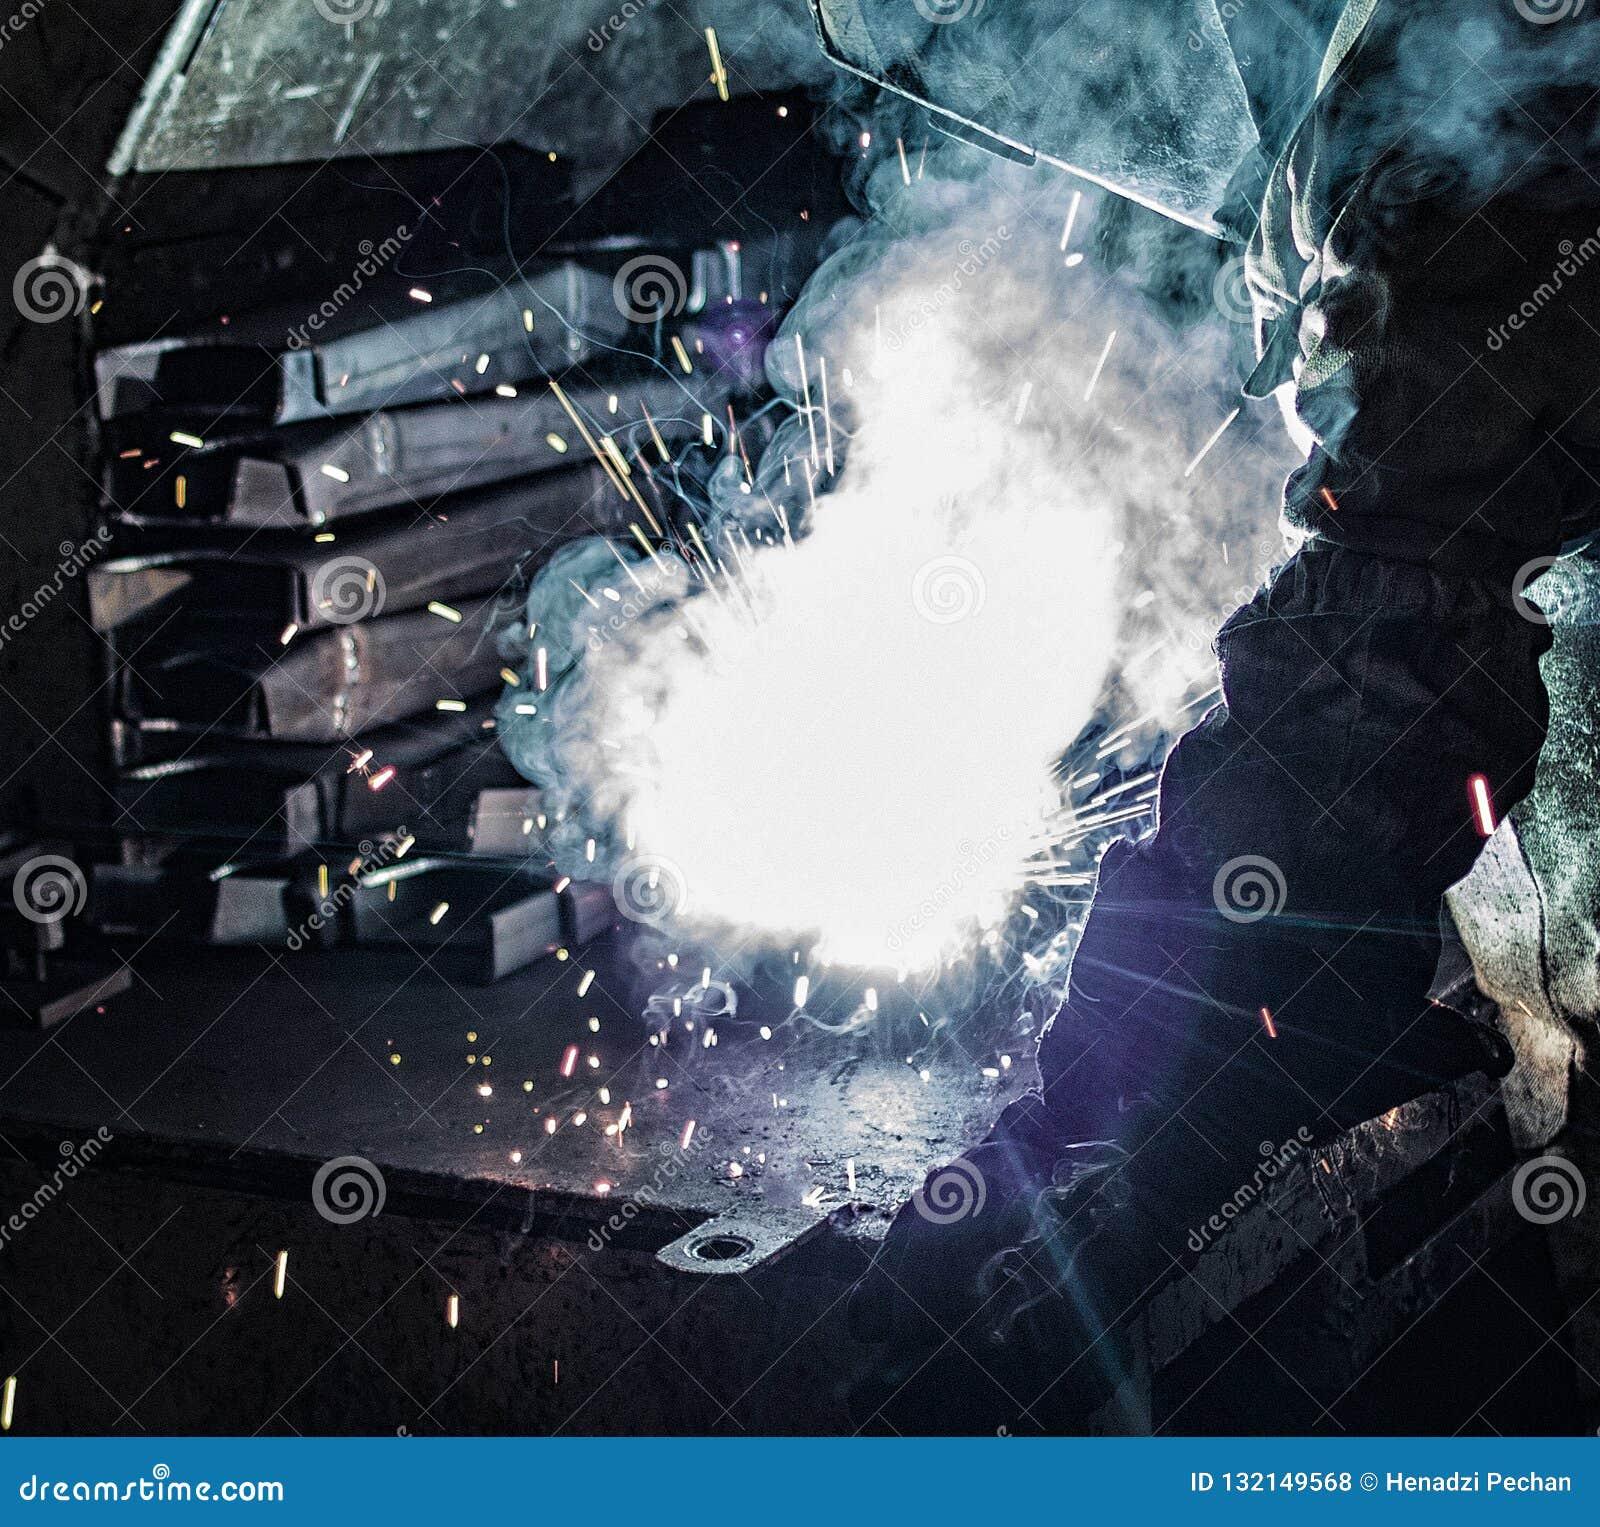 Ο οξυγονοκολλητής ενώνει στενά τα μέρη μετάλλων, πολλούς σπινθήρες και καπνούς, συγκόλληση, τόξο συγκόλλησης, φωτεινή λάμψη, κινη